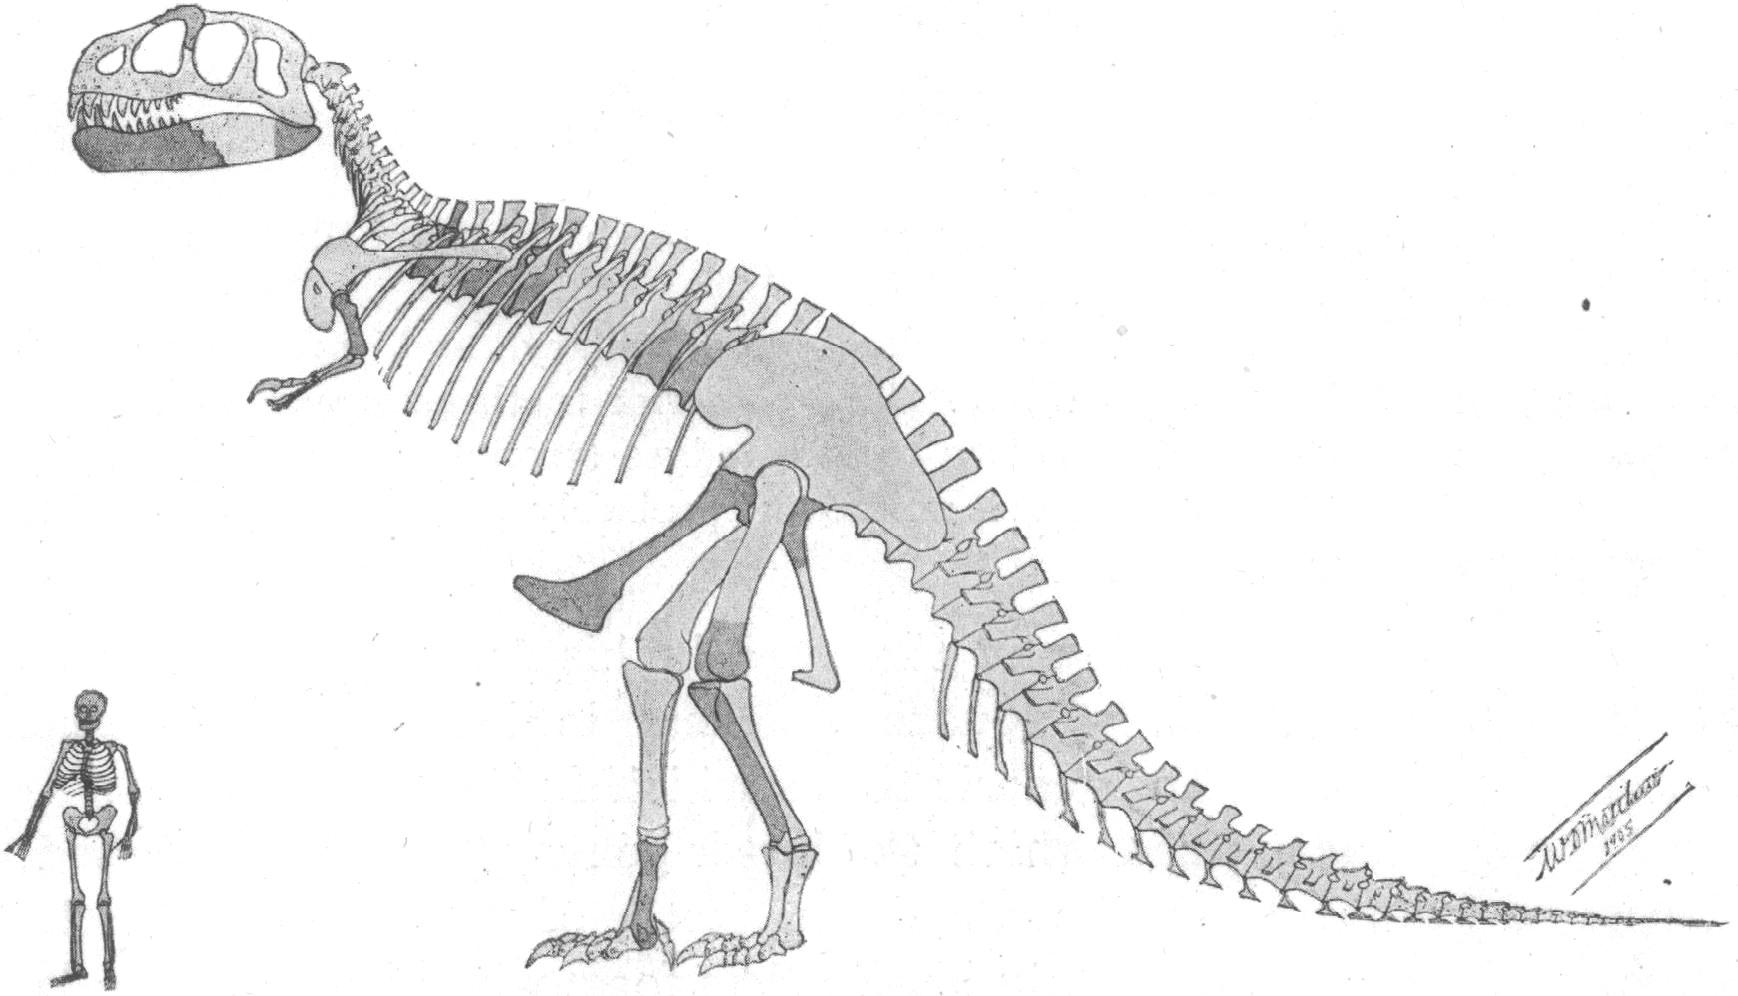 Skelettrekonstruktion von William D. Matthew aus dem Jahr 1905, die erste Rekonstruktion von Tyrannosaurus, die veröffentlicht wurde[76]